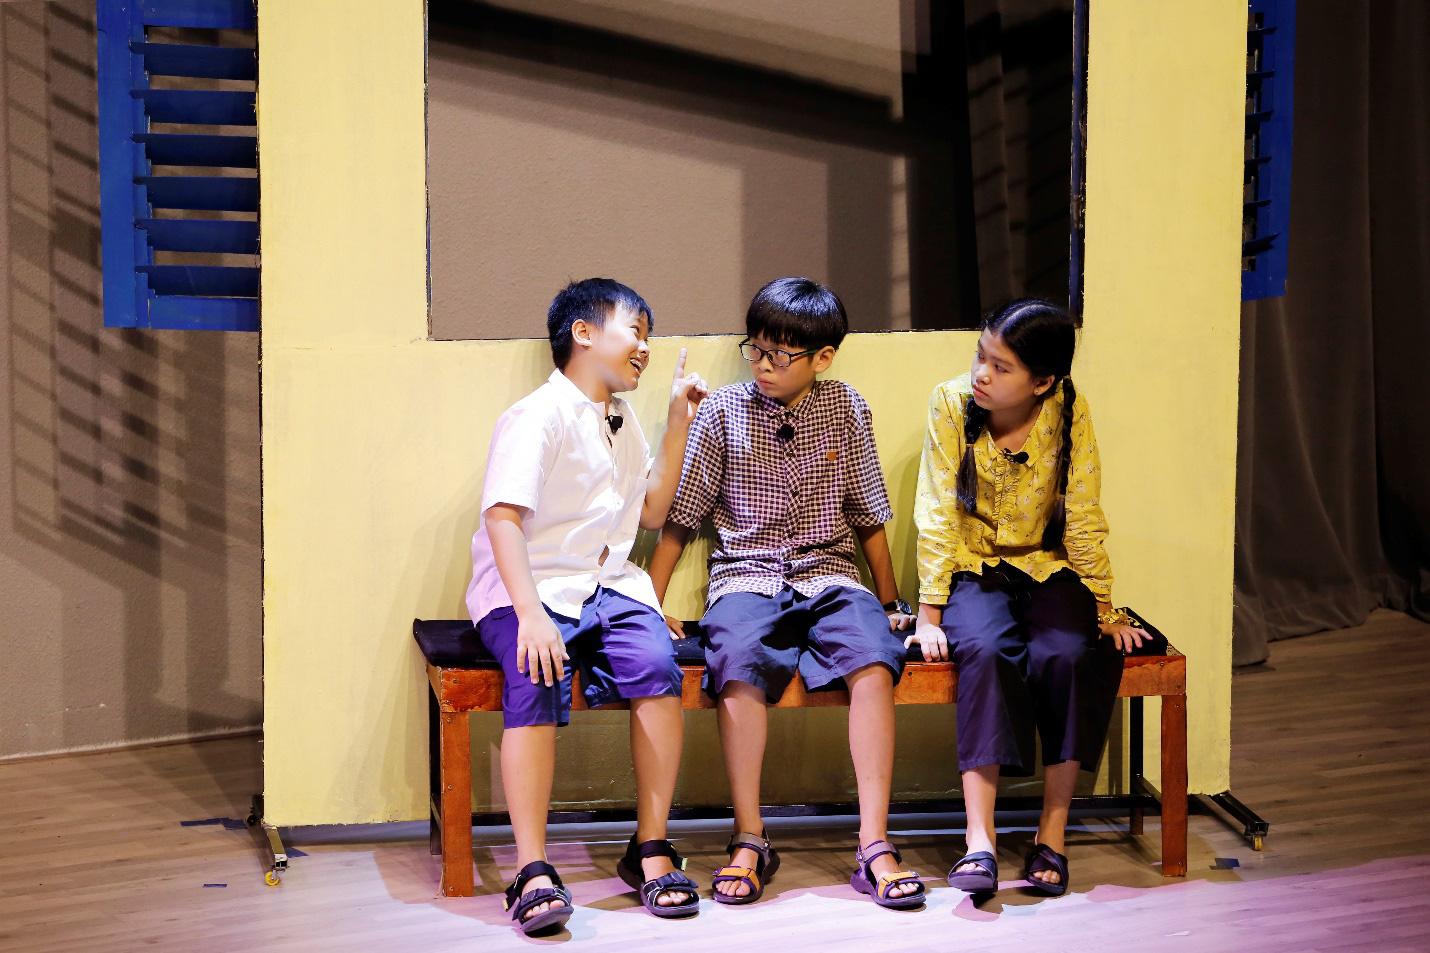 """""""Làm bạn với bầu trời"""" của nhà văn Nguyễn Nhật Ánh lên sân khấu kịch học đường - Ảnh 4."""